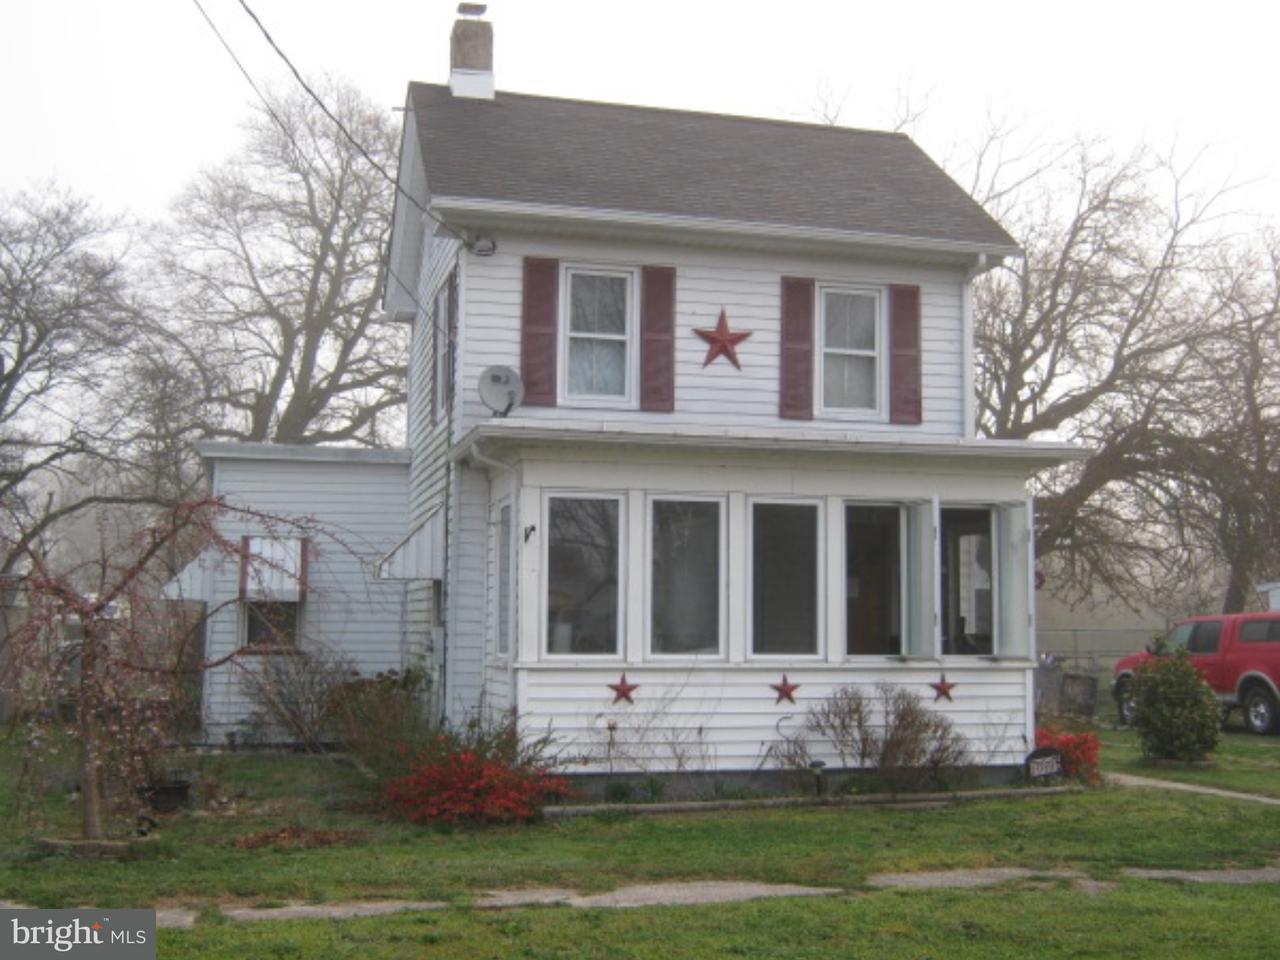 Частный односемейный дом для того Продажа на 919 UNION Street Port Norris, Нью-Джерси 08349 Соединенные Штаты